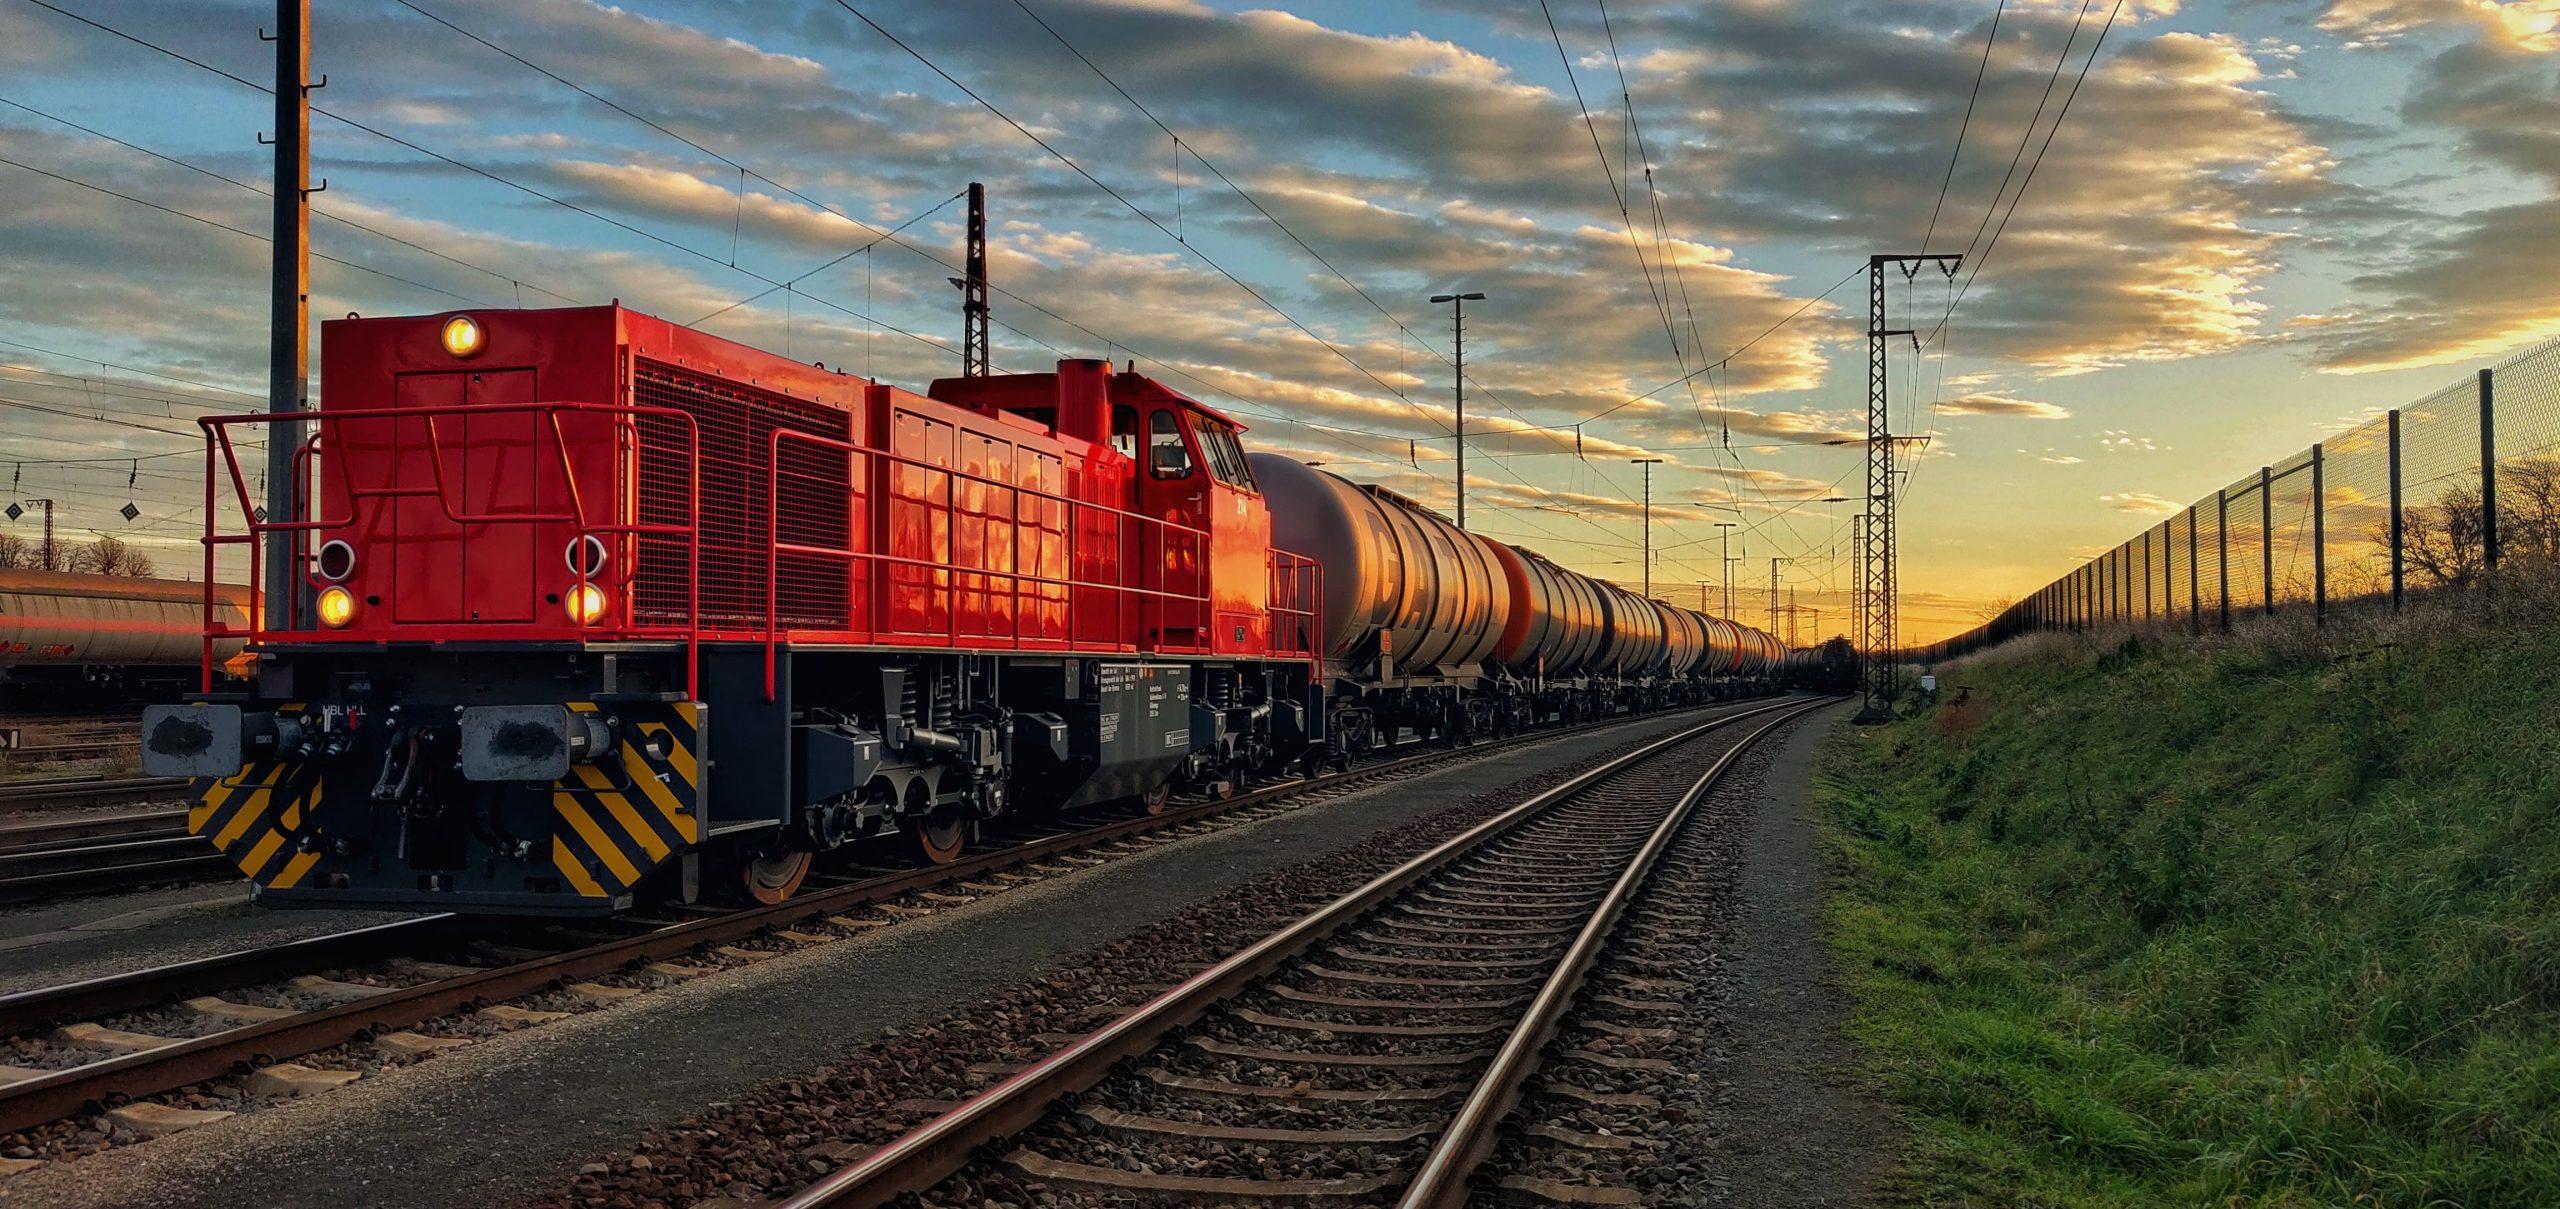 ©Foto: Christian Wörpel | railmen | In Großkorbetha beim Zugdienst / Übergabeverkehr für die Leunawerke. Die Züge kommen in Großkorbetha mit dem EVU an, wo die Zuglok, in diesem Fall die 214 übernimmt und die Züge ins Werk nach Leuna bringt.